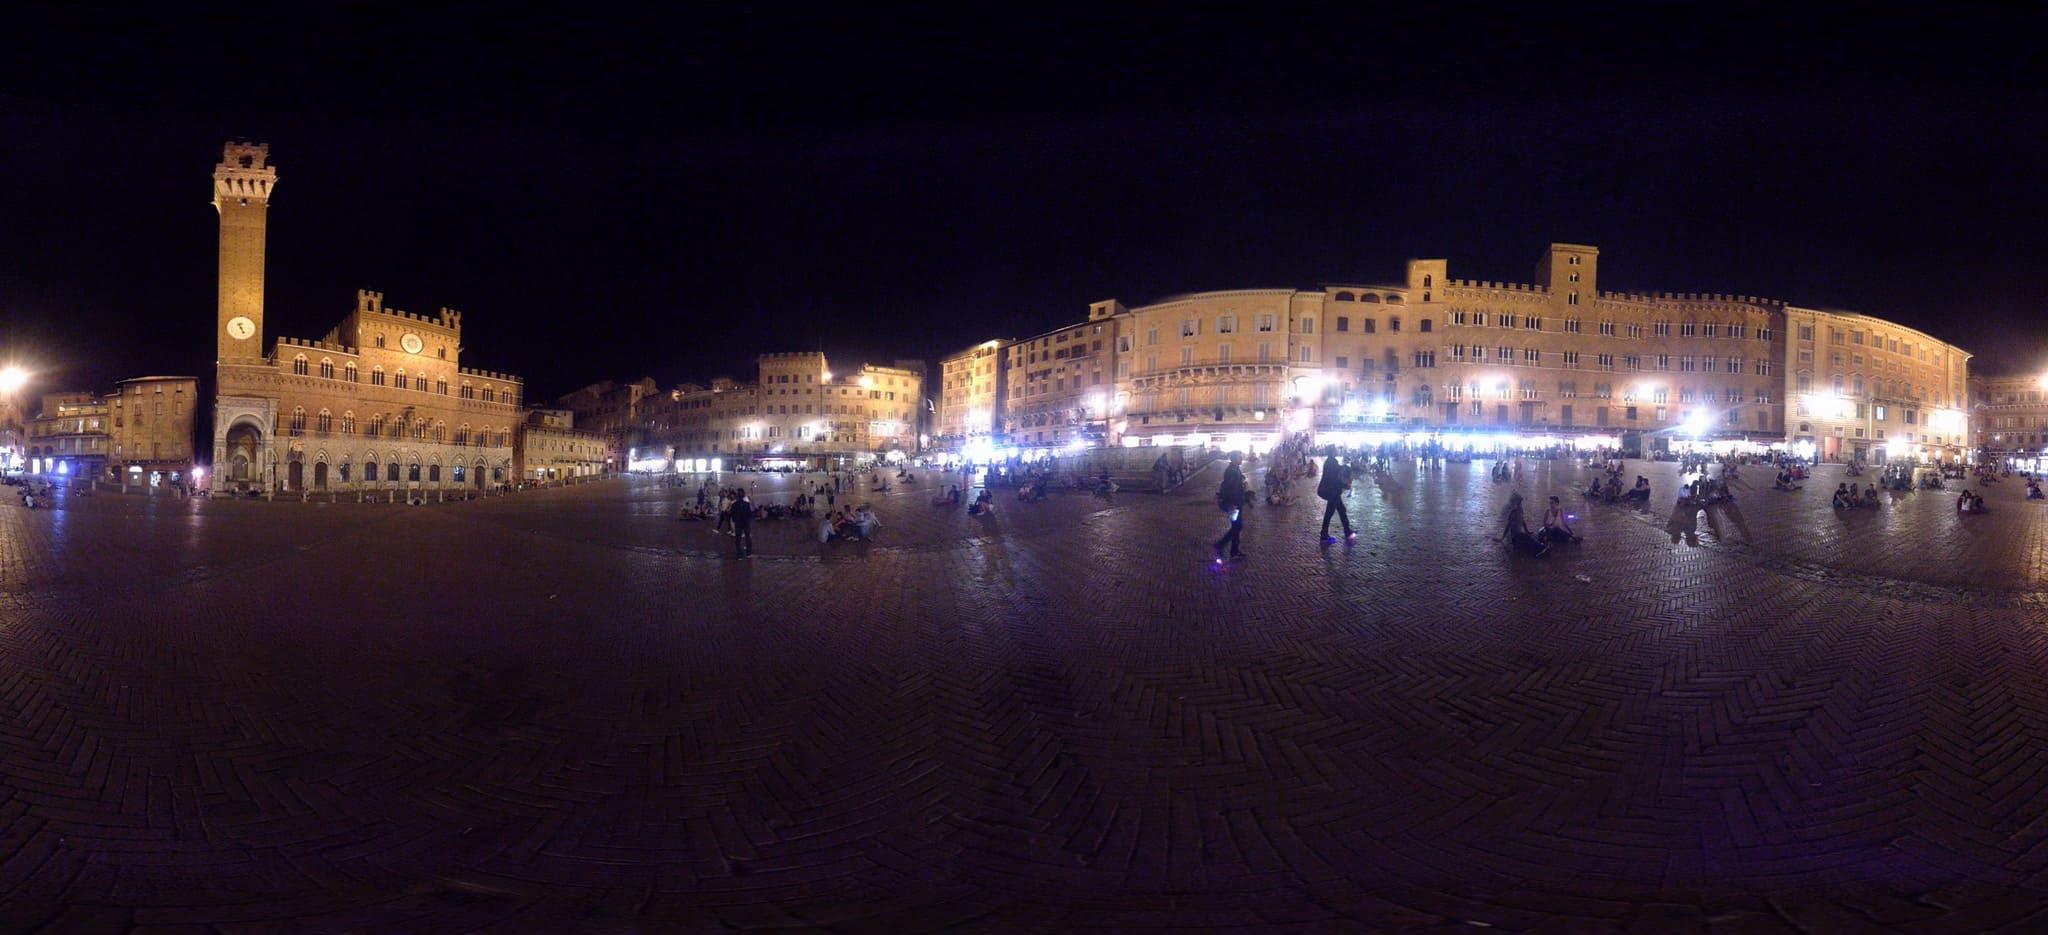 Capodanno in Piazza Campo